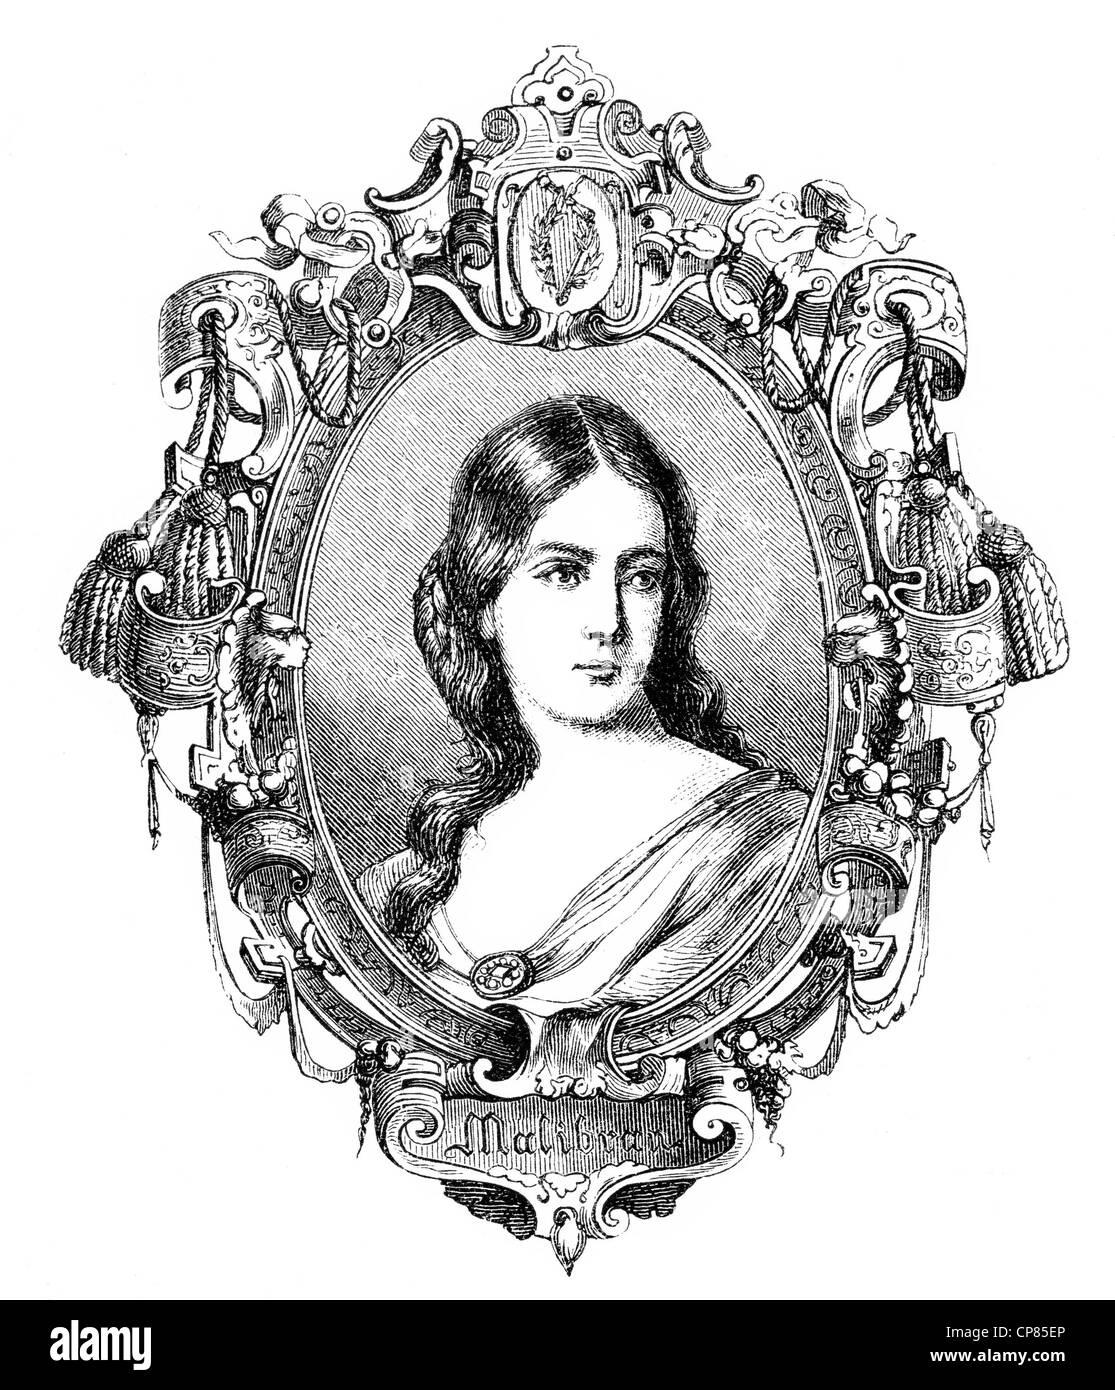 María de la Felicidad Malibran, born García, or La Malibran, 1808 - 1836, a French opera singer, mezzo - Stock Image